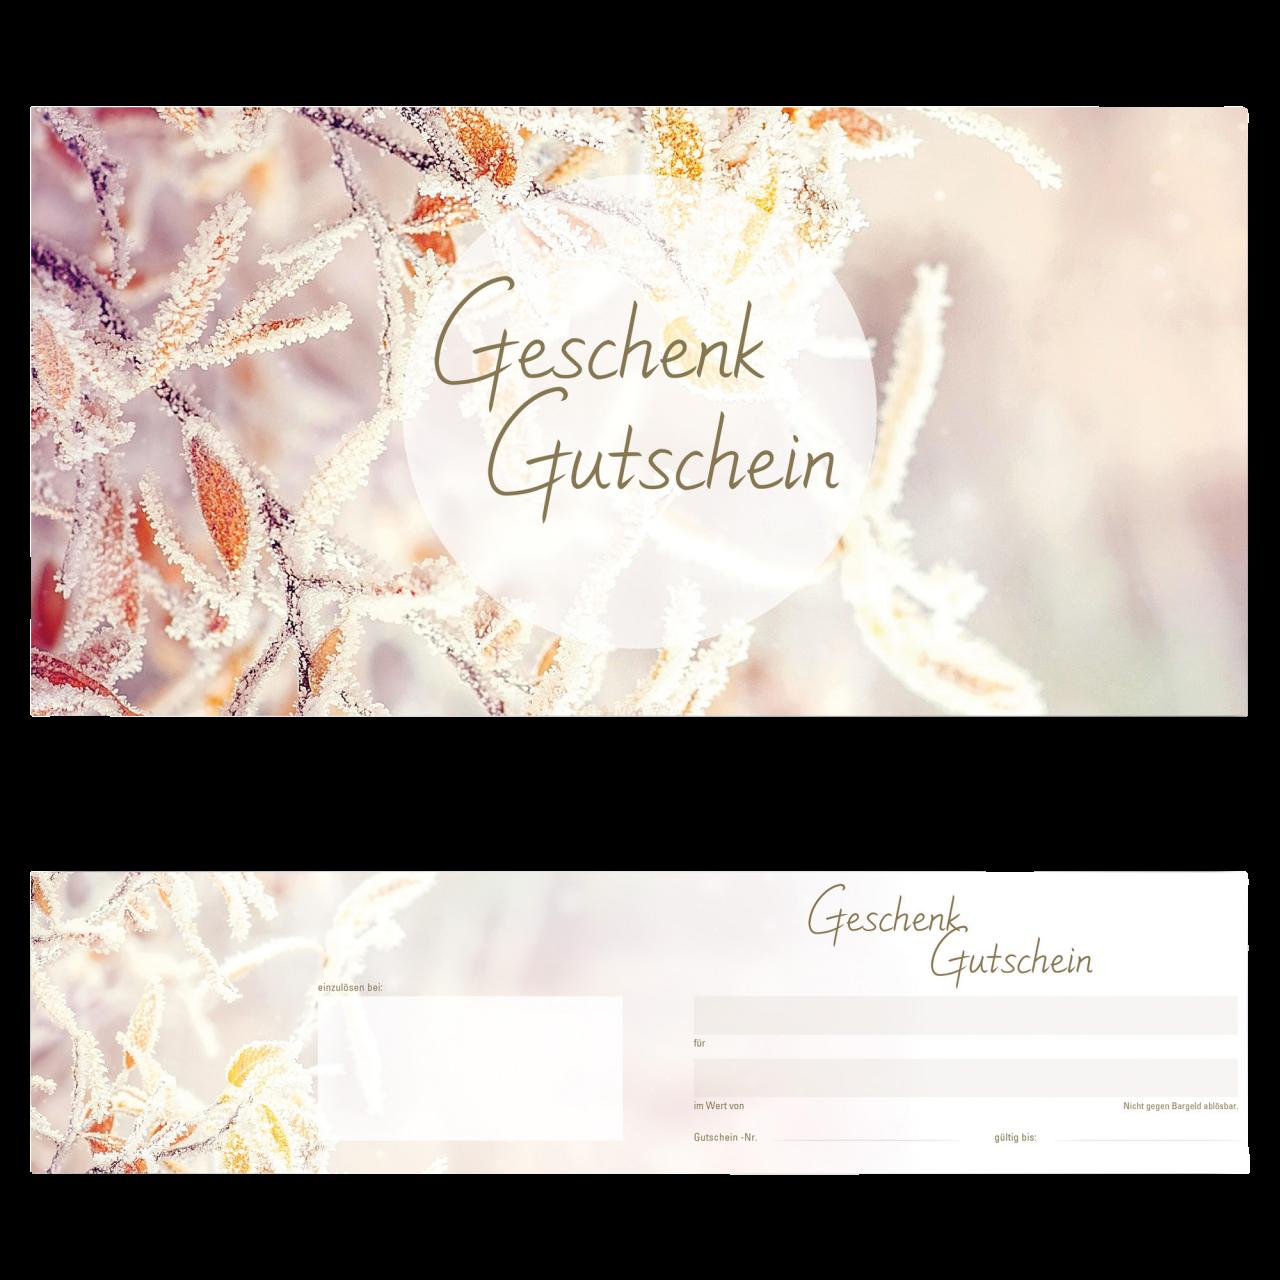 Gutschein Winter 25 Stk.